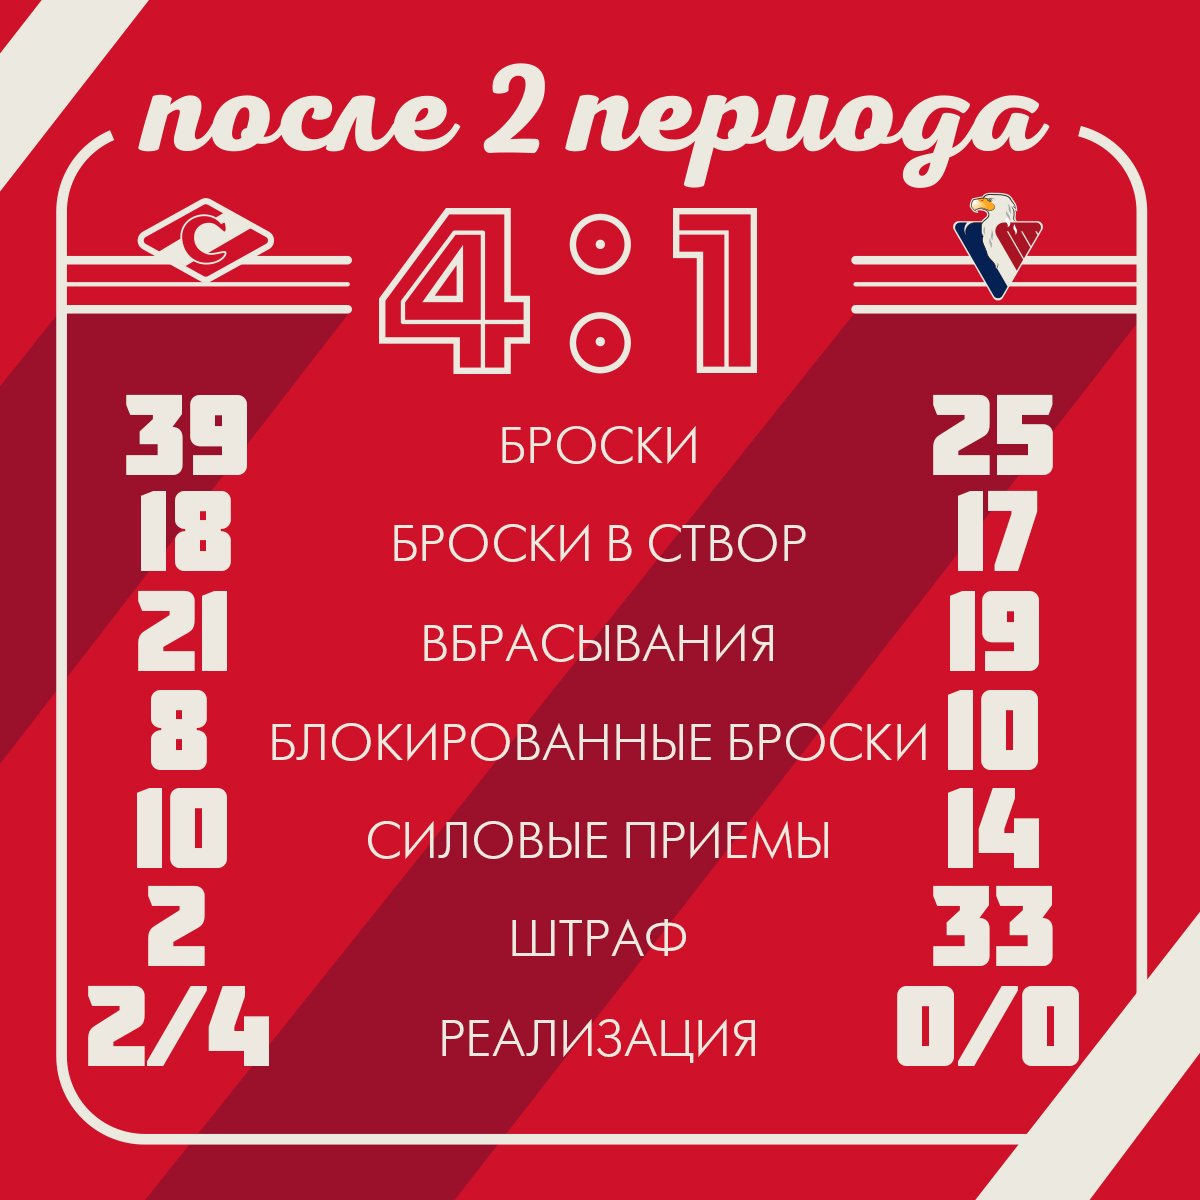 Статистика матча «Спартак» vs «Слован» после 2-х периодов